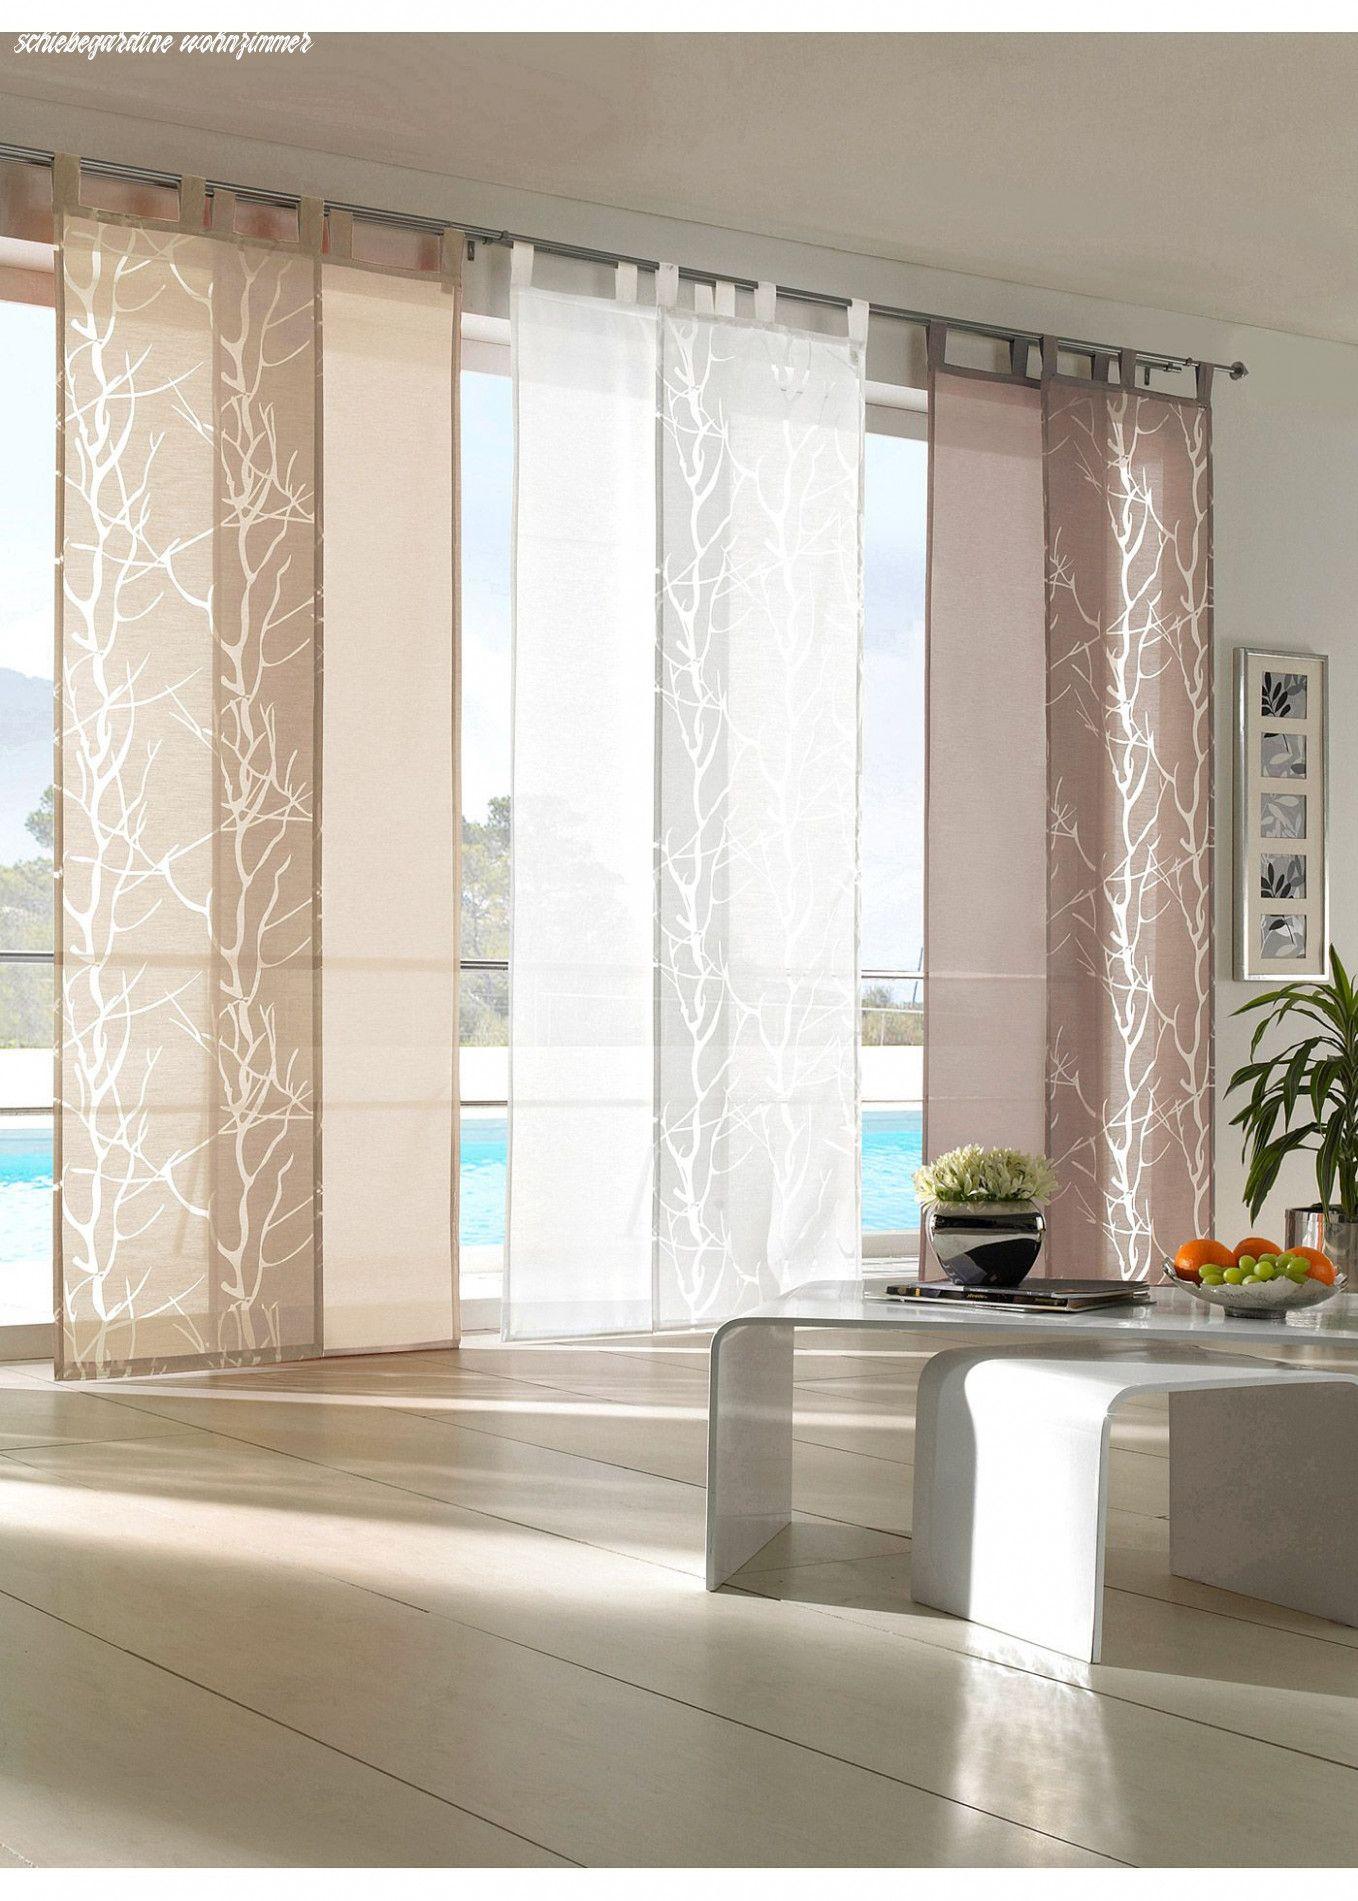 Ist Schiebegardine Wohnzimmer Noch Relevant Gardinen Wohnzimmer Gardinen Modern Babyzimmer Wandgestaltung